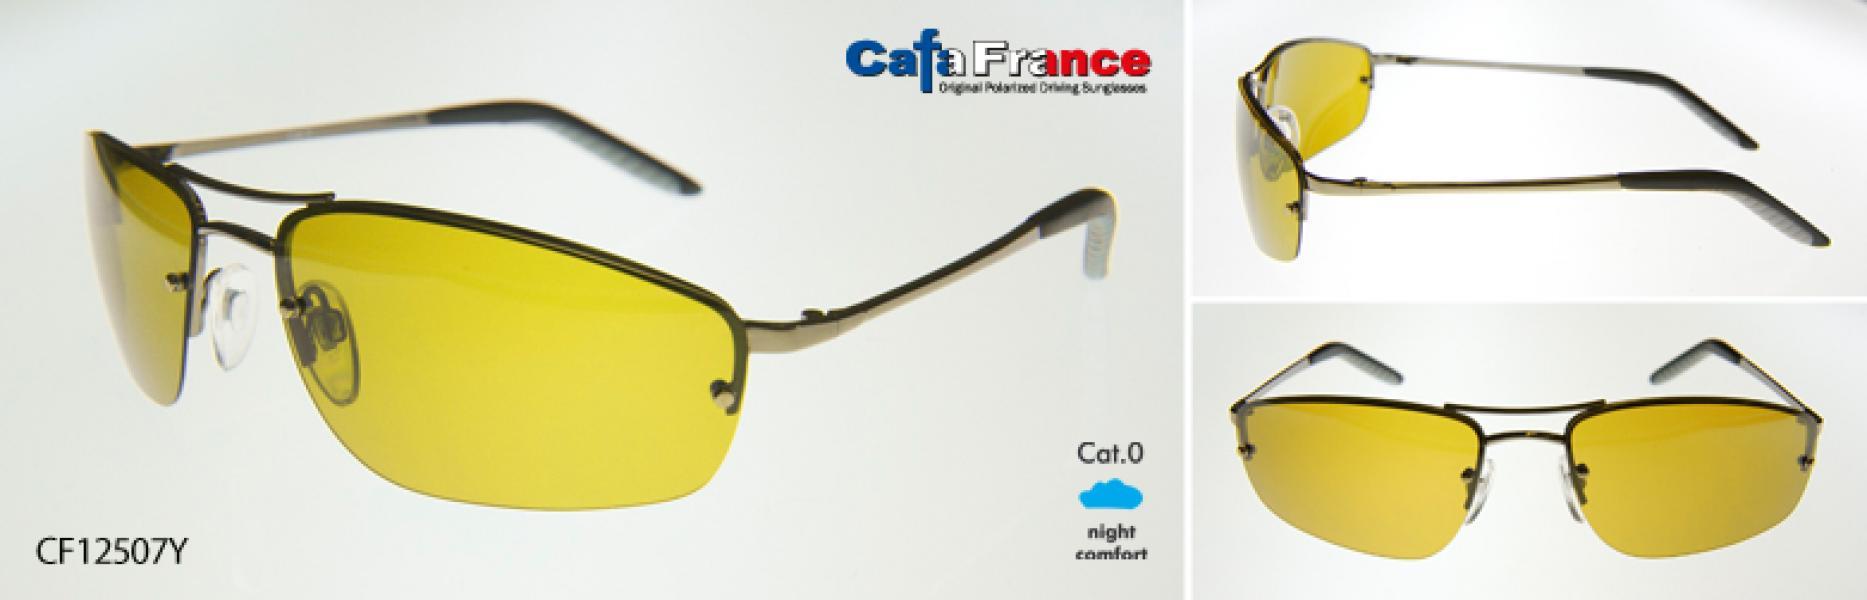 Очки поляризационные Cafa France CF12507Y